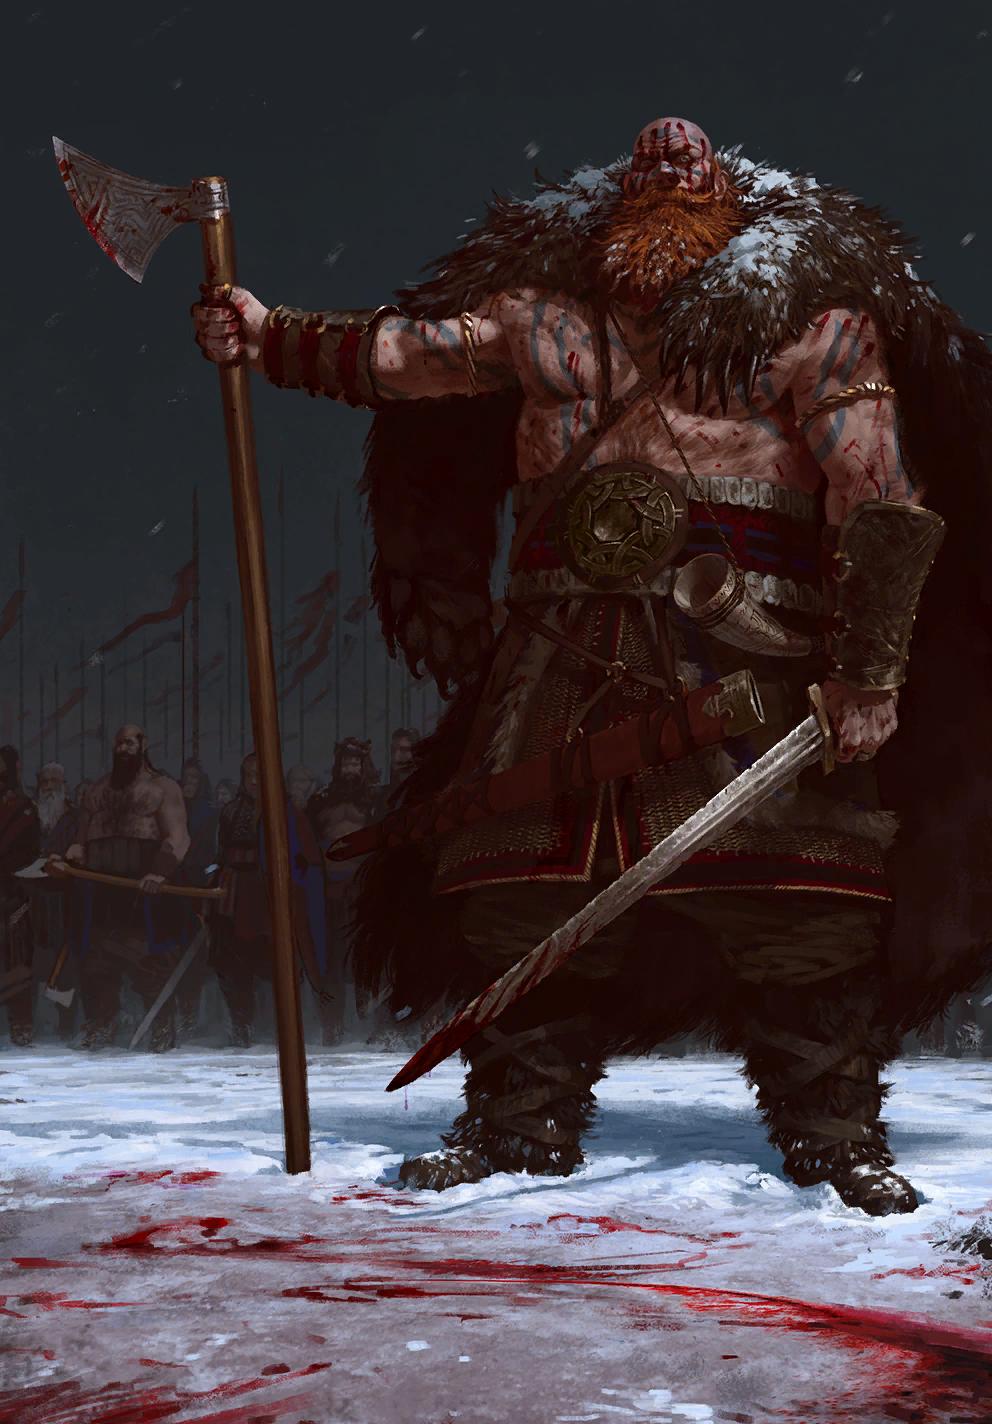 Knut Okrutny